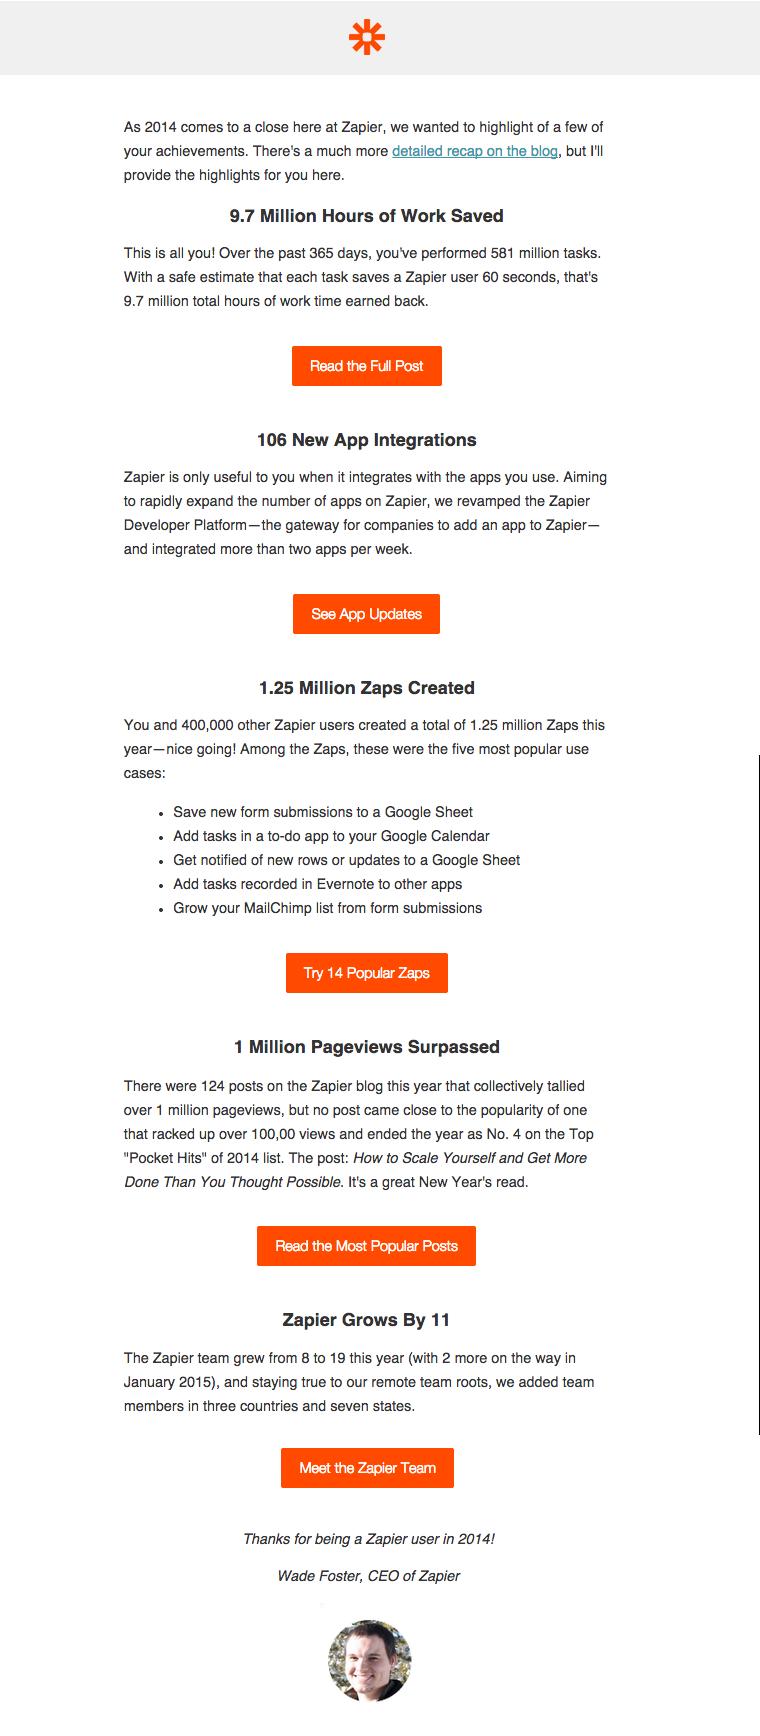 26 полезных советов из области email-маркетинга от самых успешных компаний со всего мира - 21